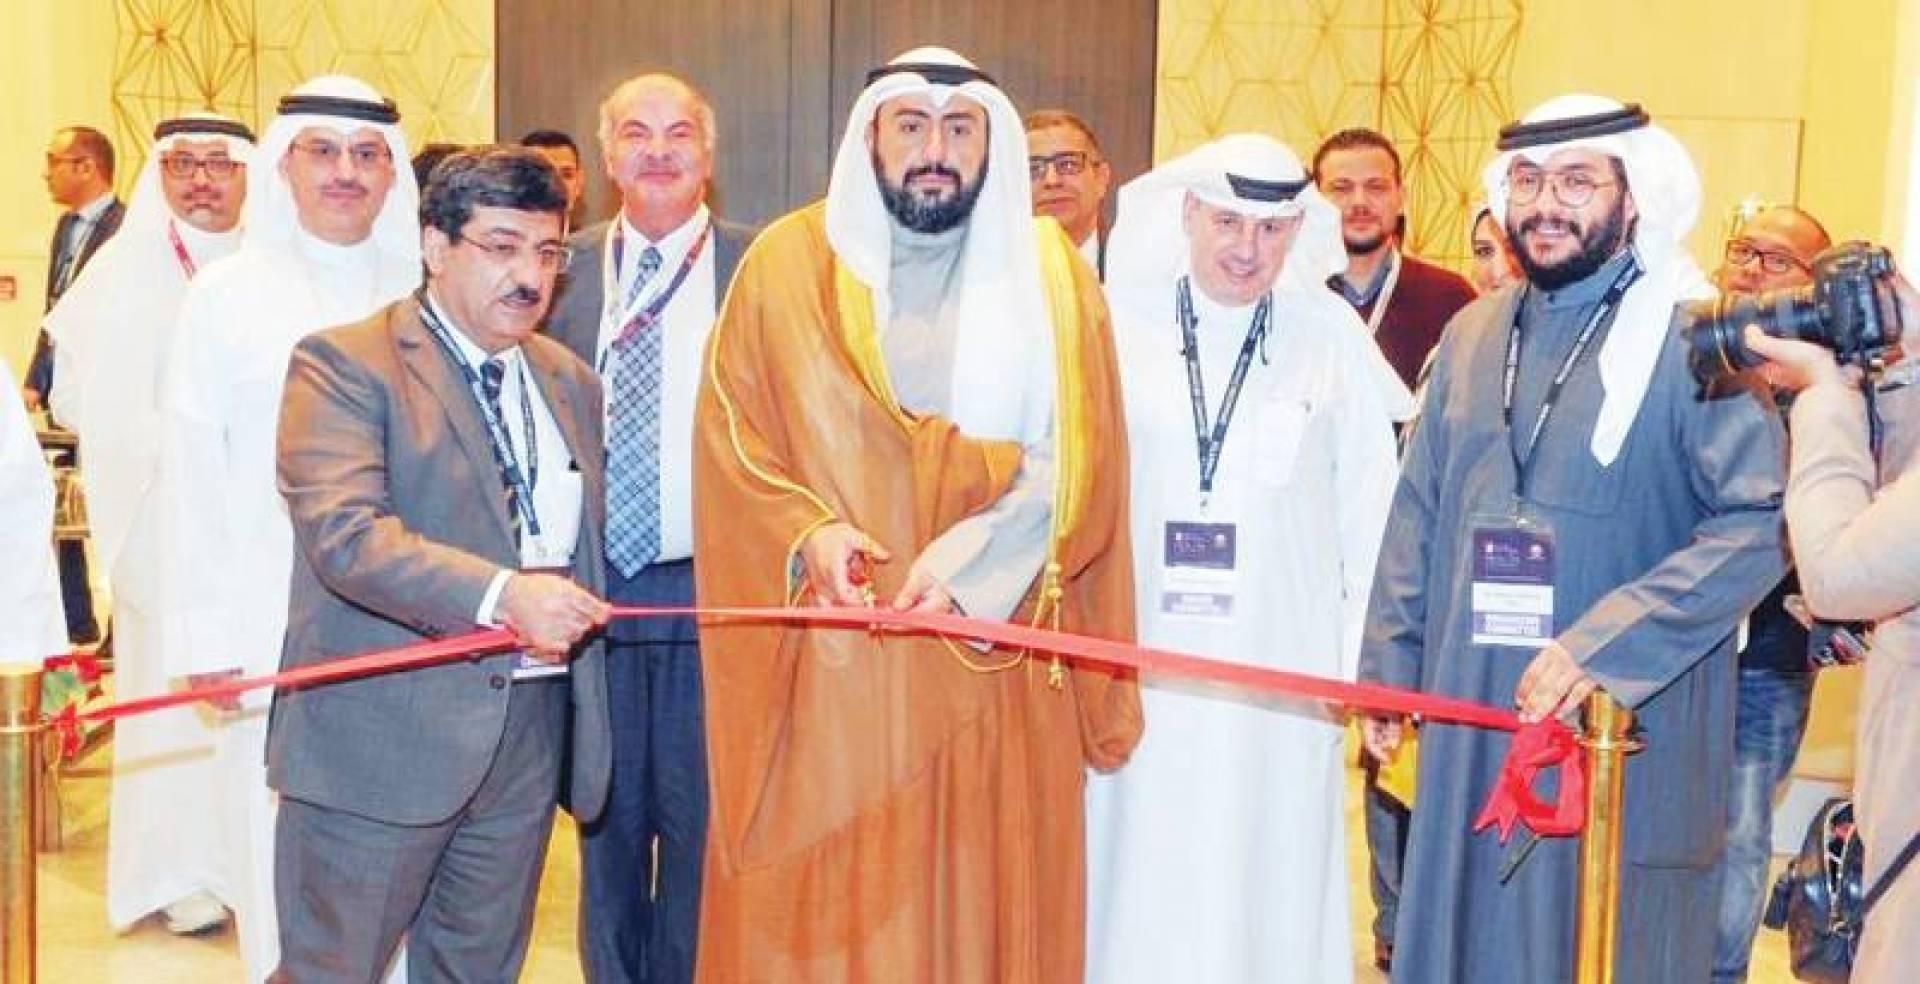 باسل الصباح ومسؤولون صحّيون لدى افتتاح المؤتمر الطبي